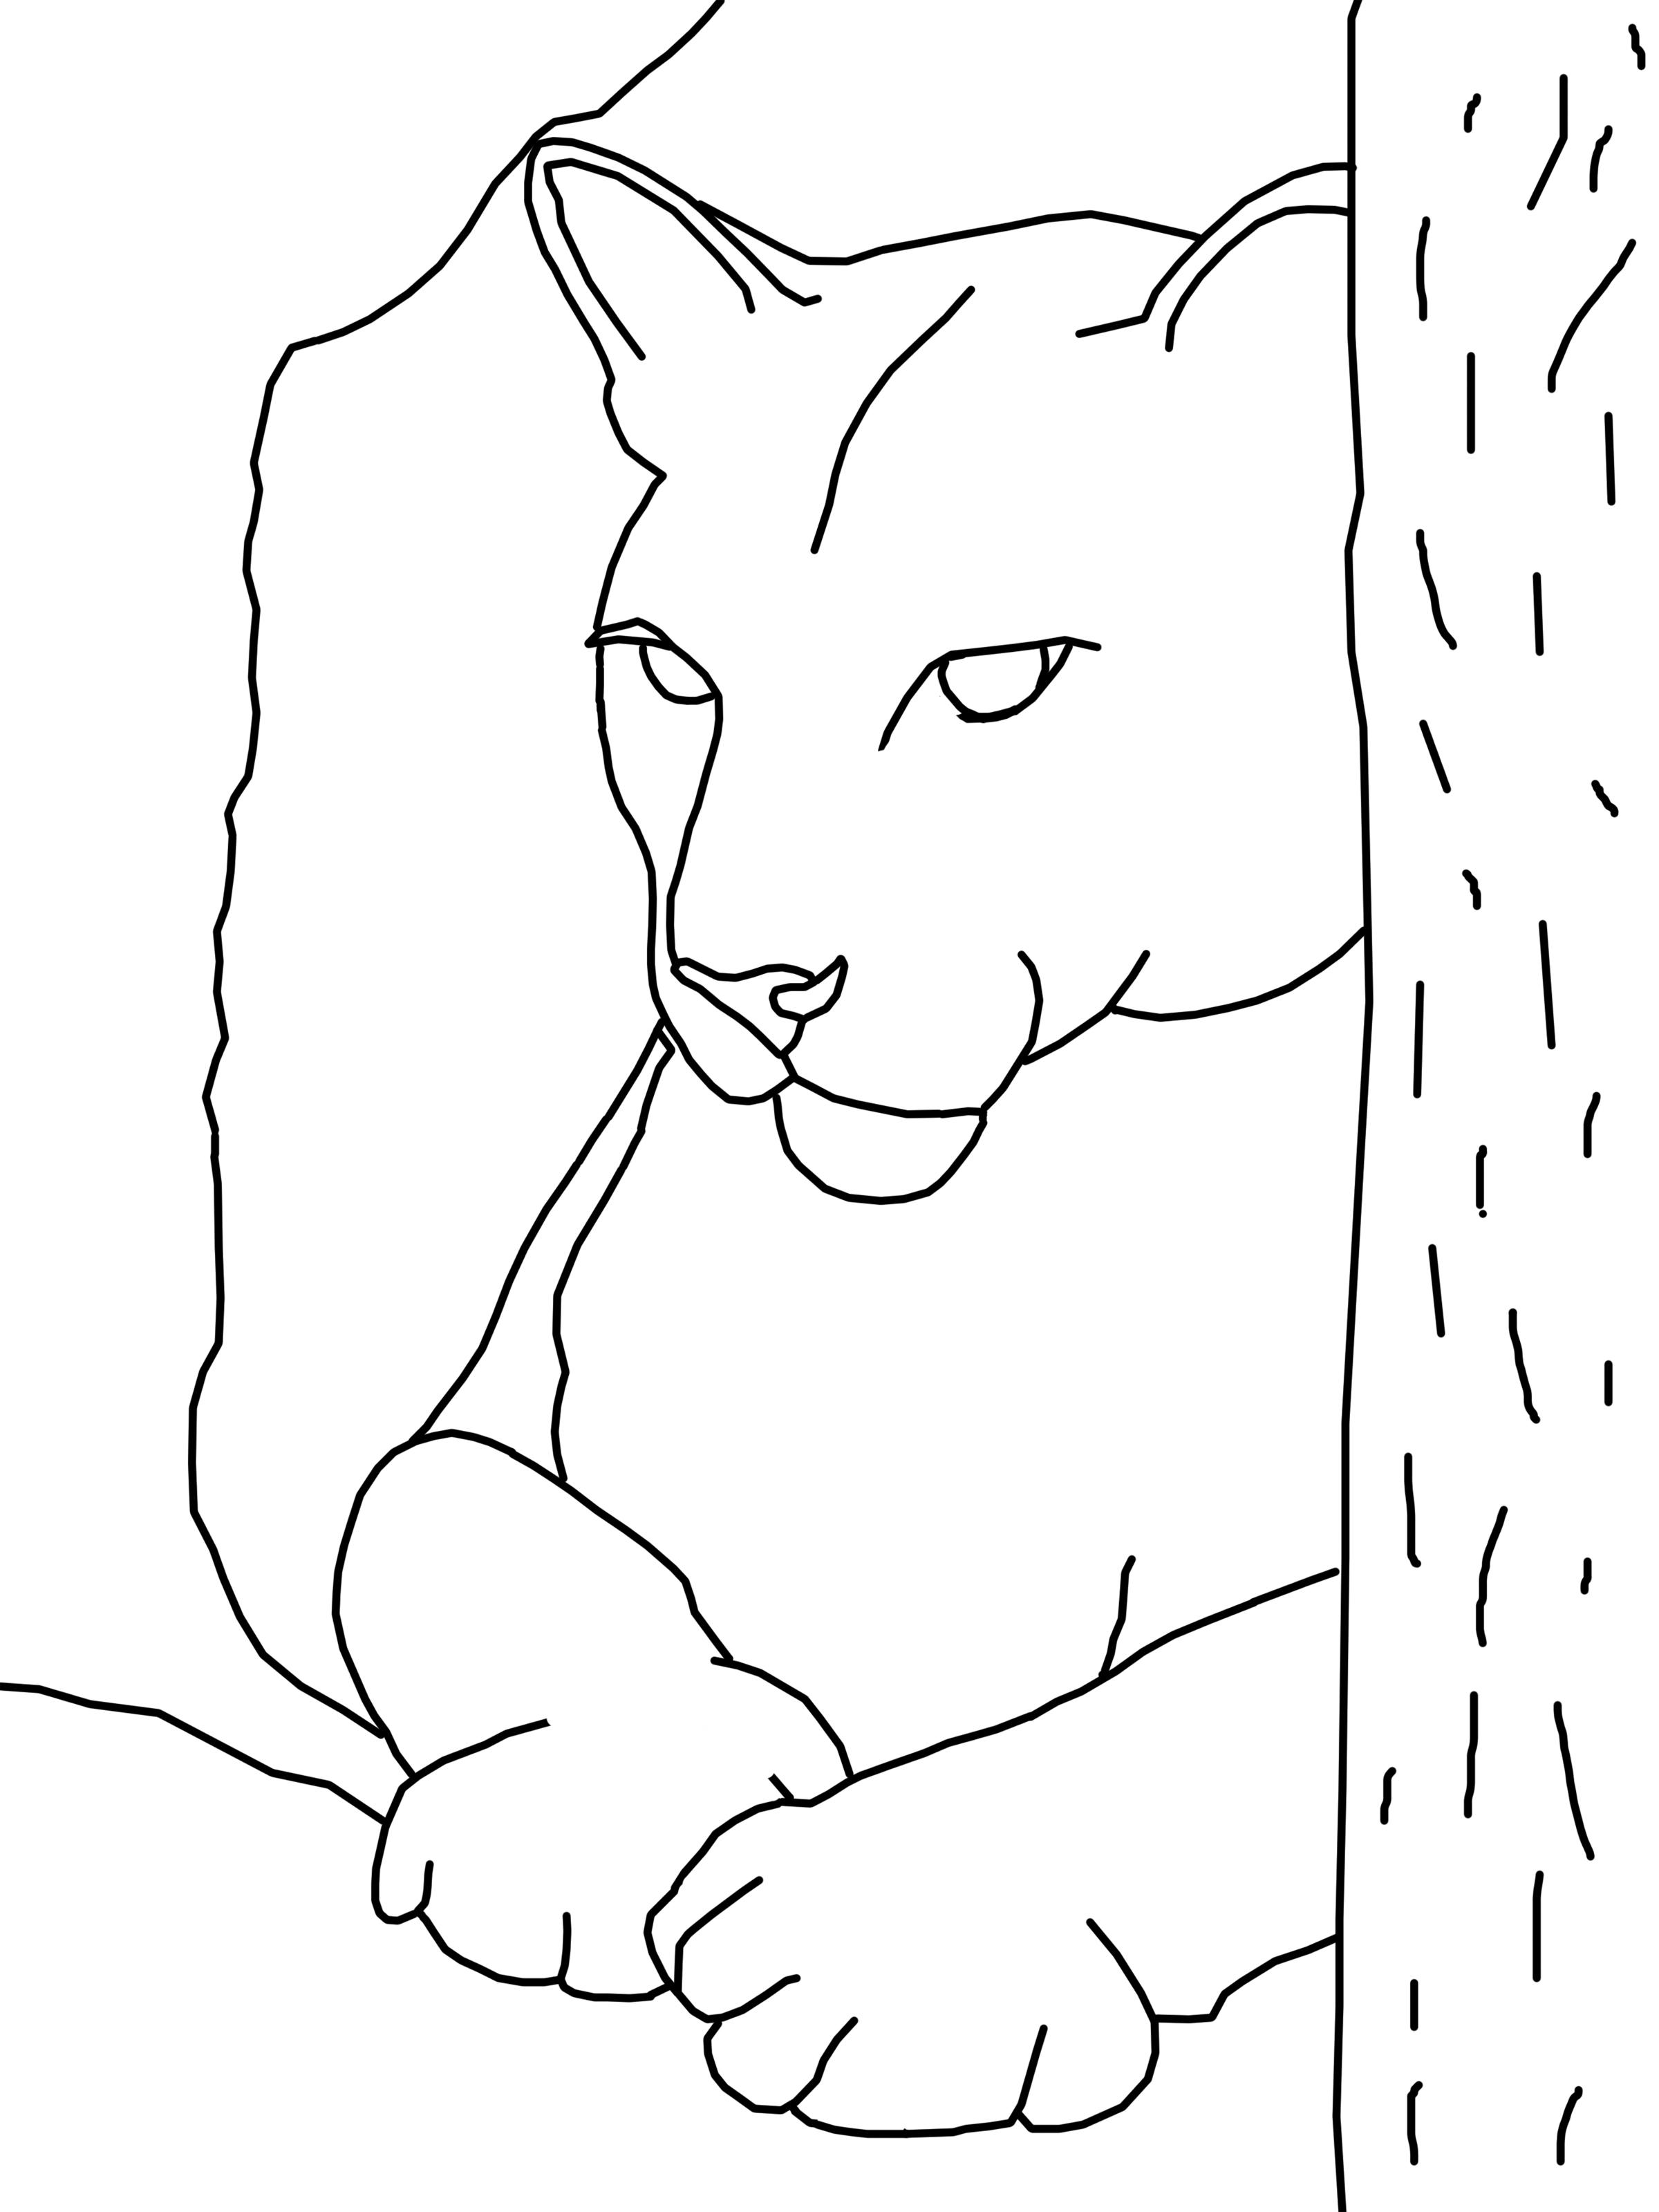 Dessin de cougar a imprimer